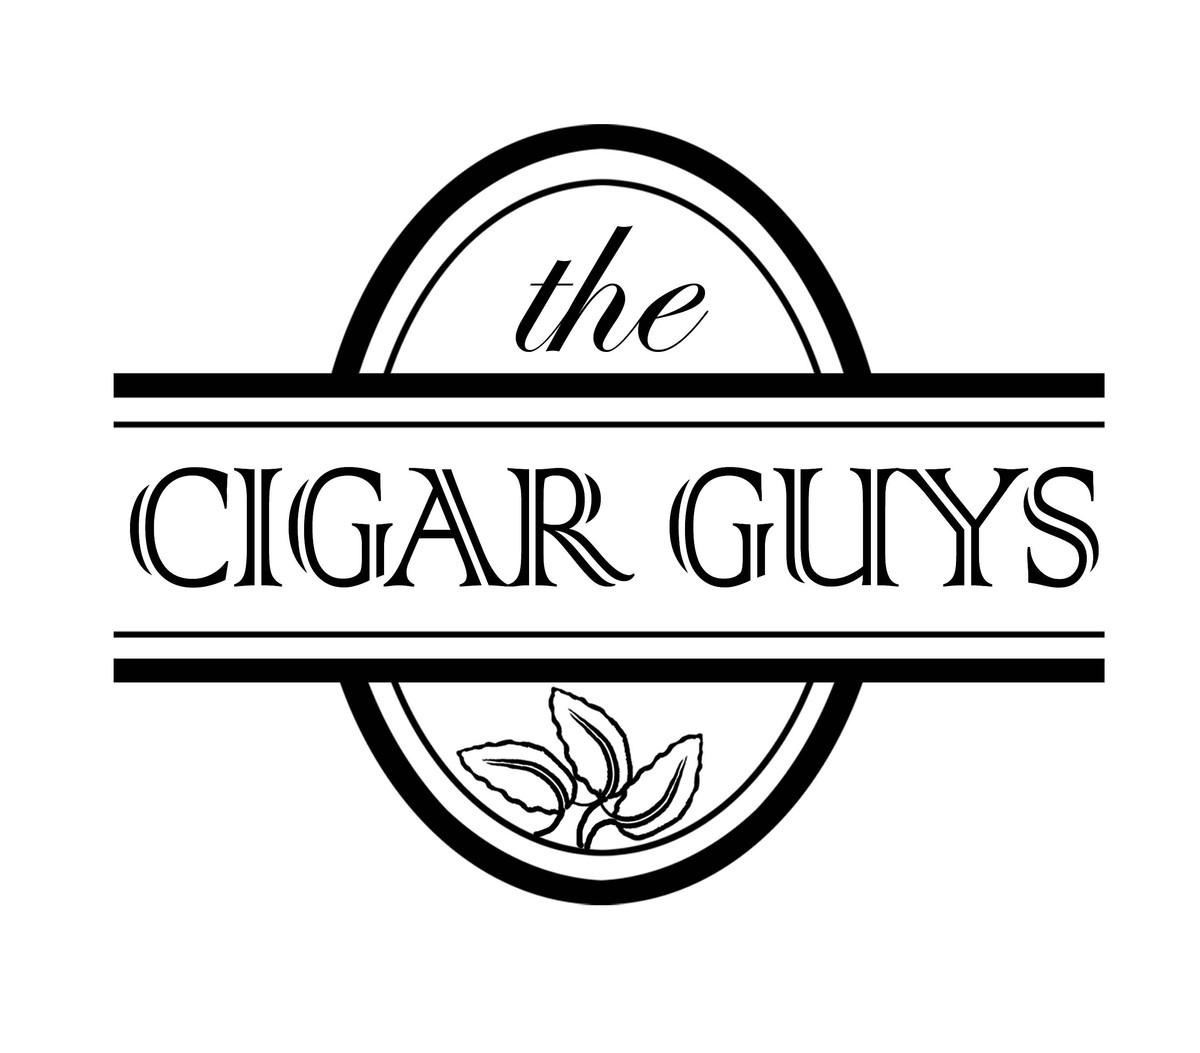 The Cigar Guys - Unique Services - Los Angeles, CA - WeddingWire